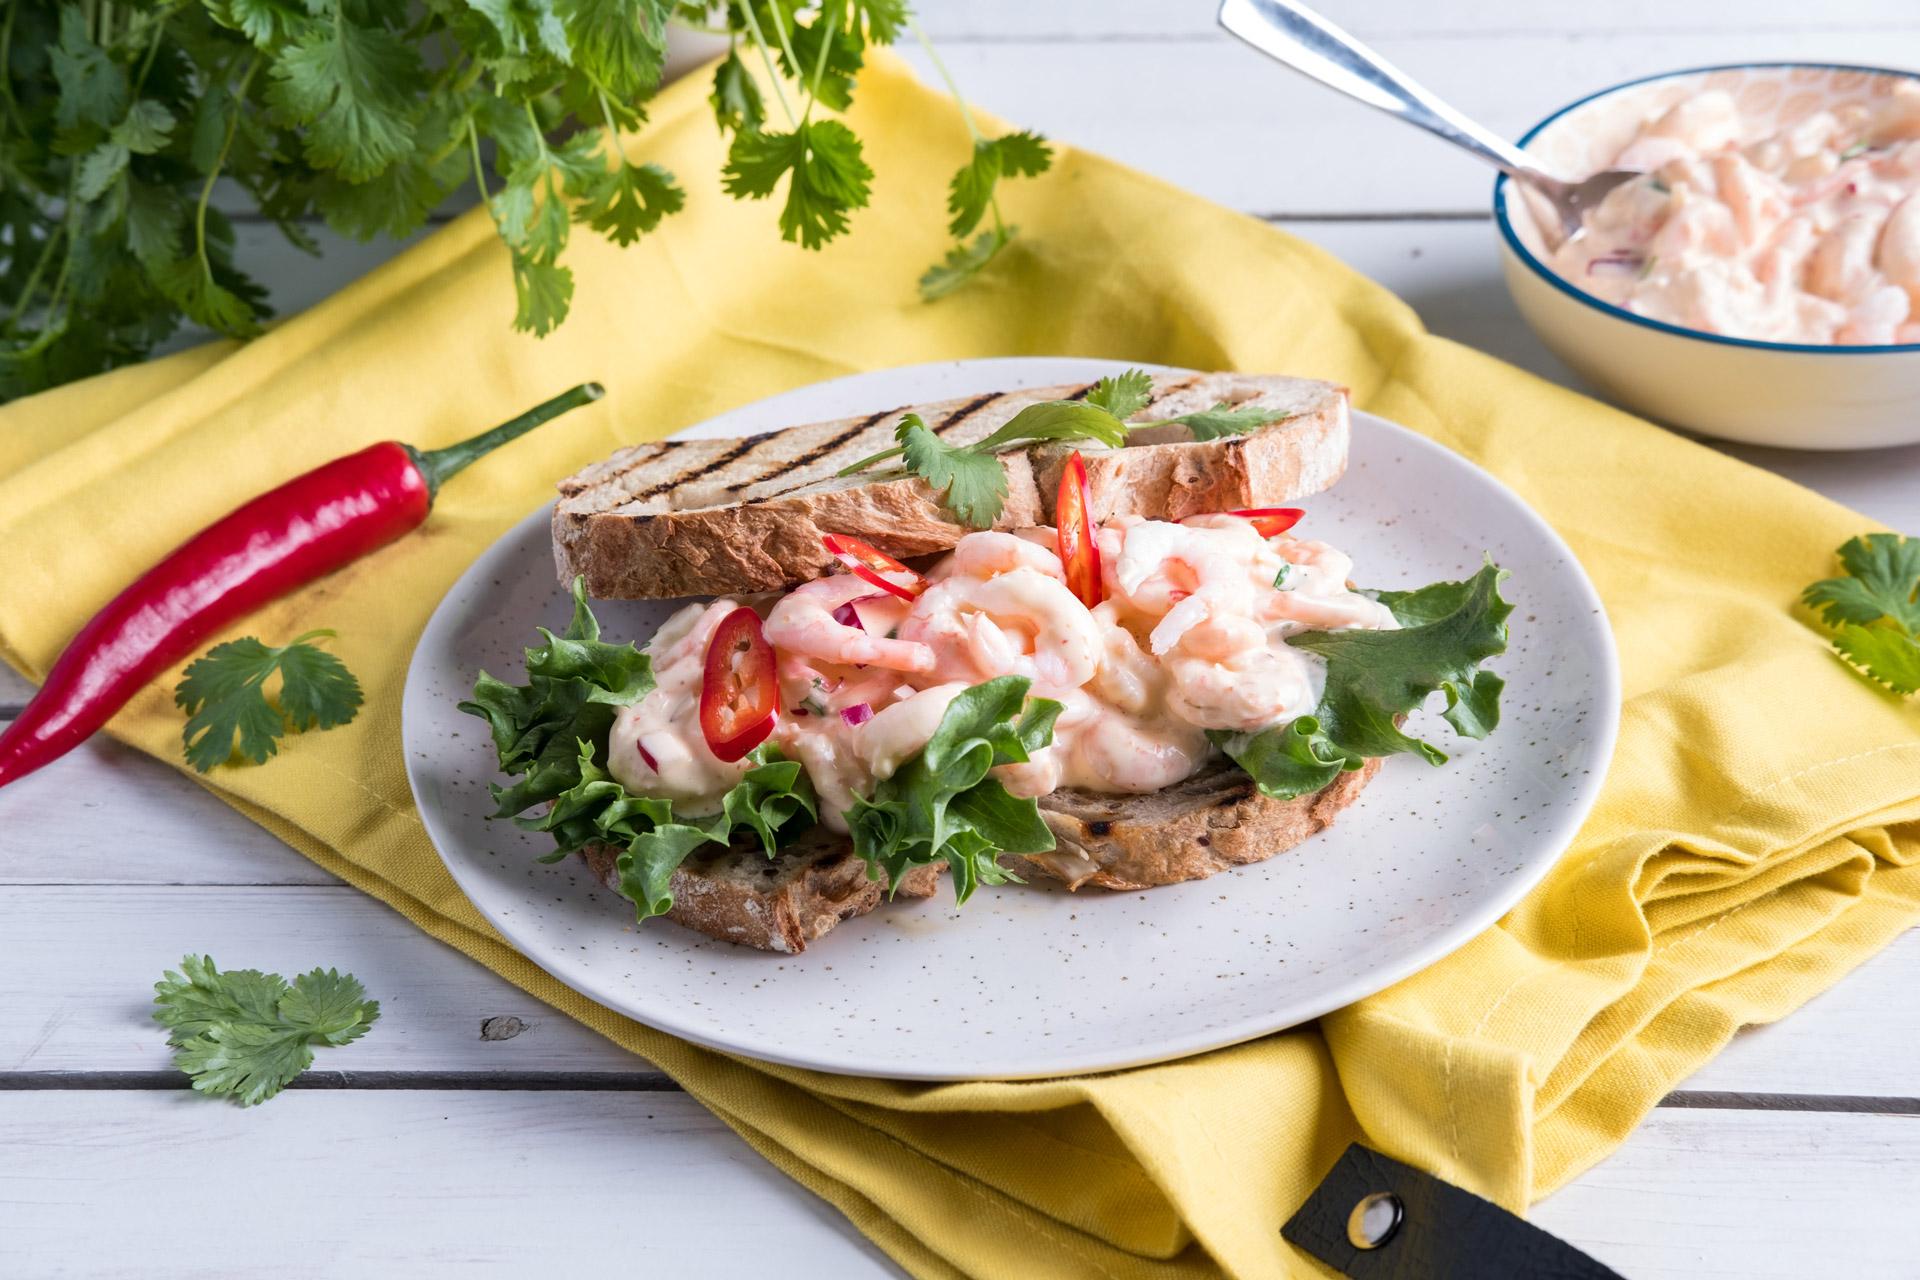 Spicy rekesalat på brød. Foto.